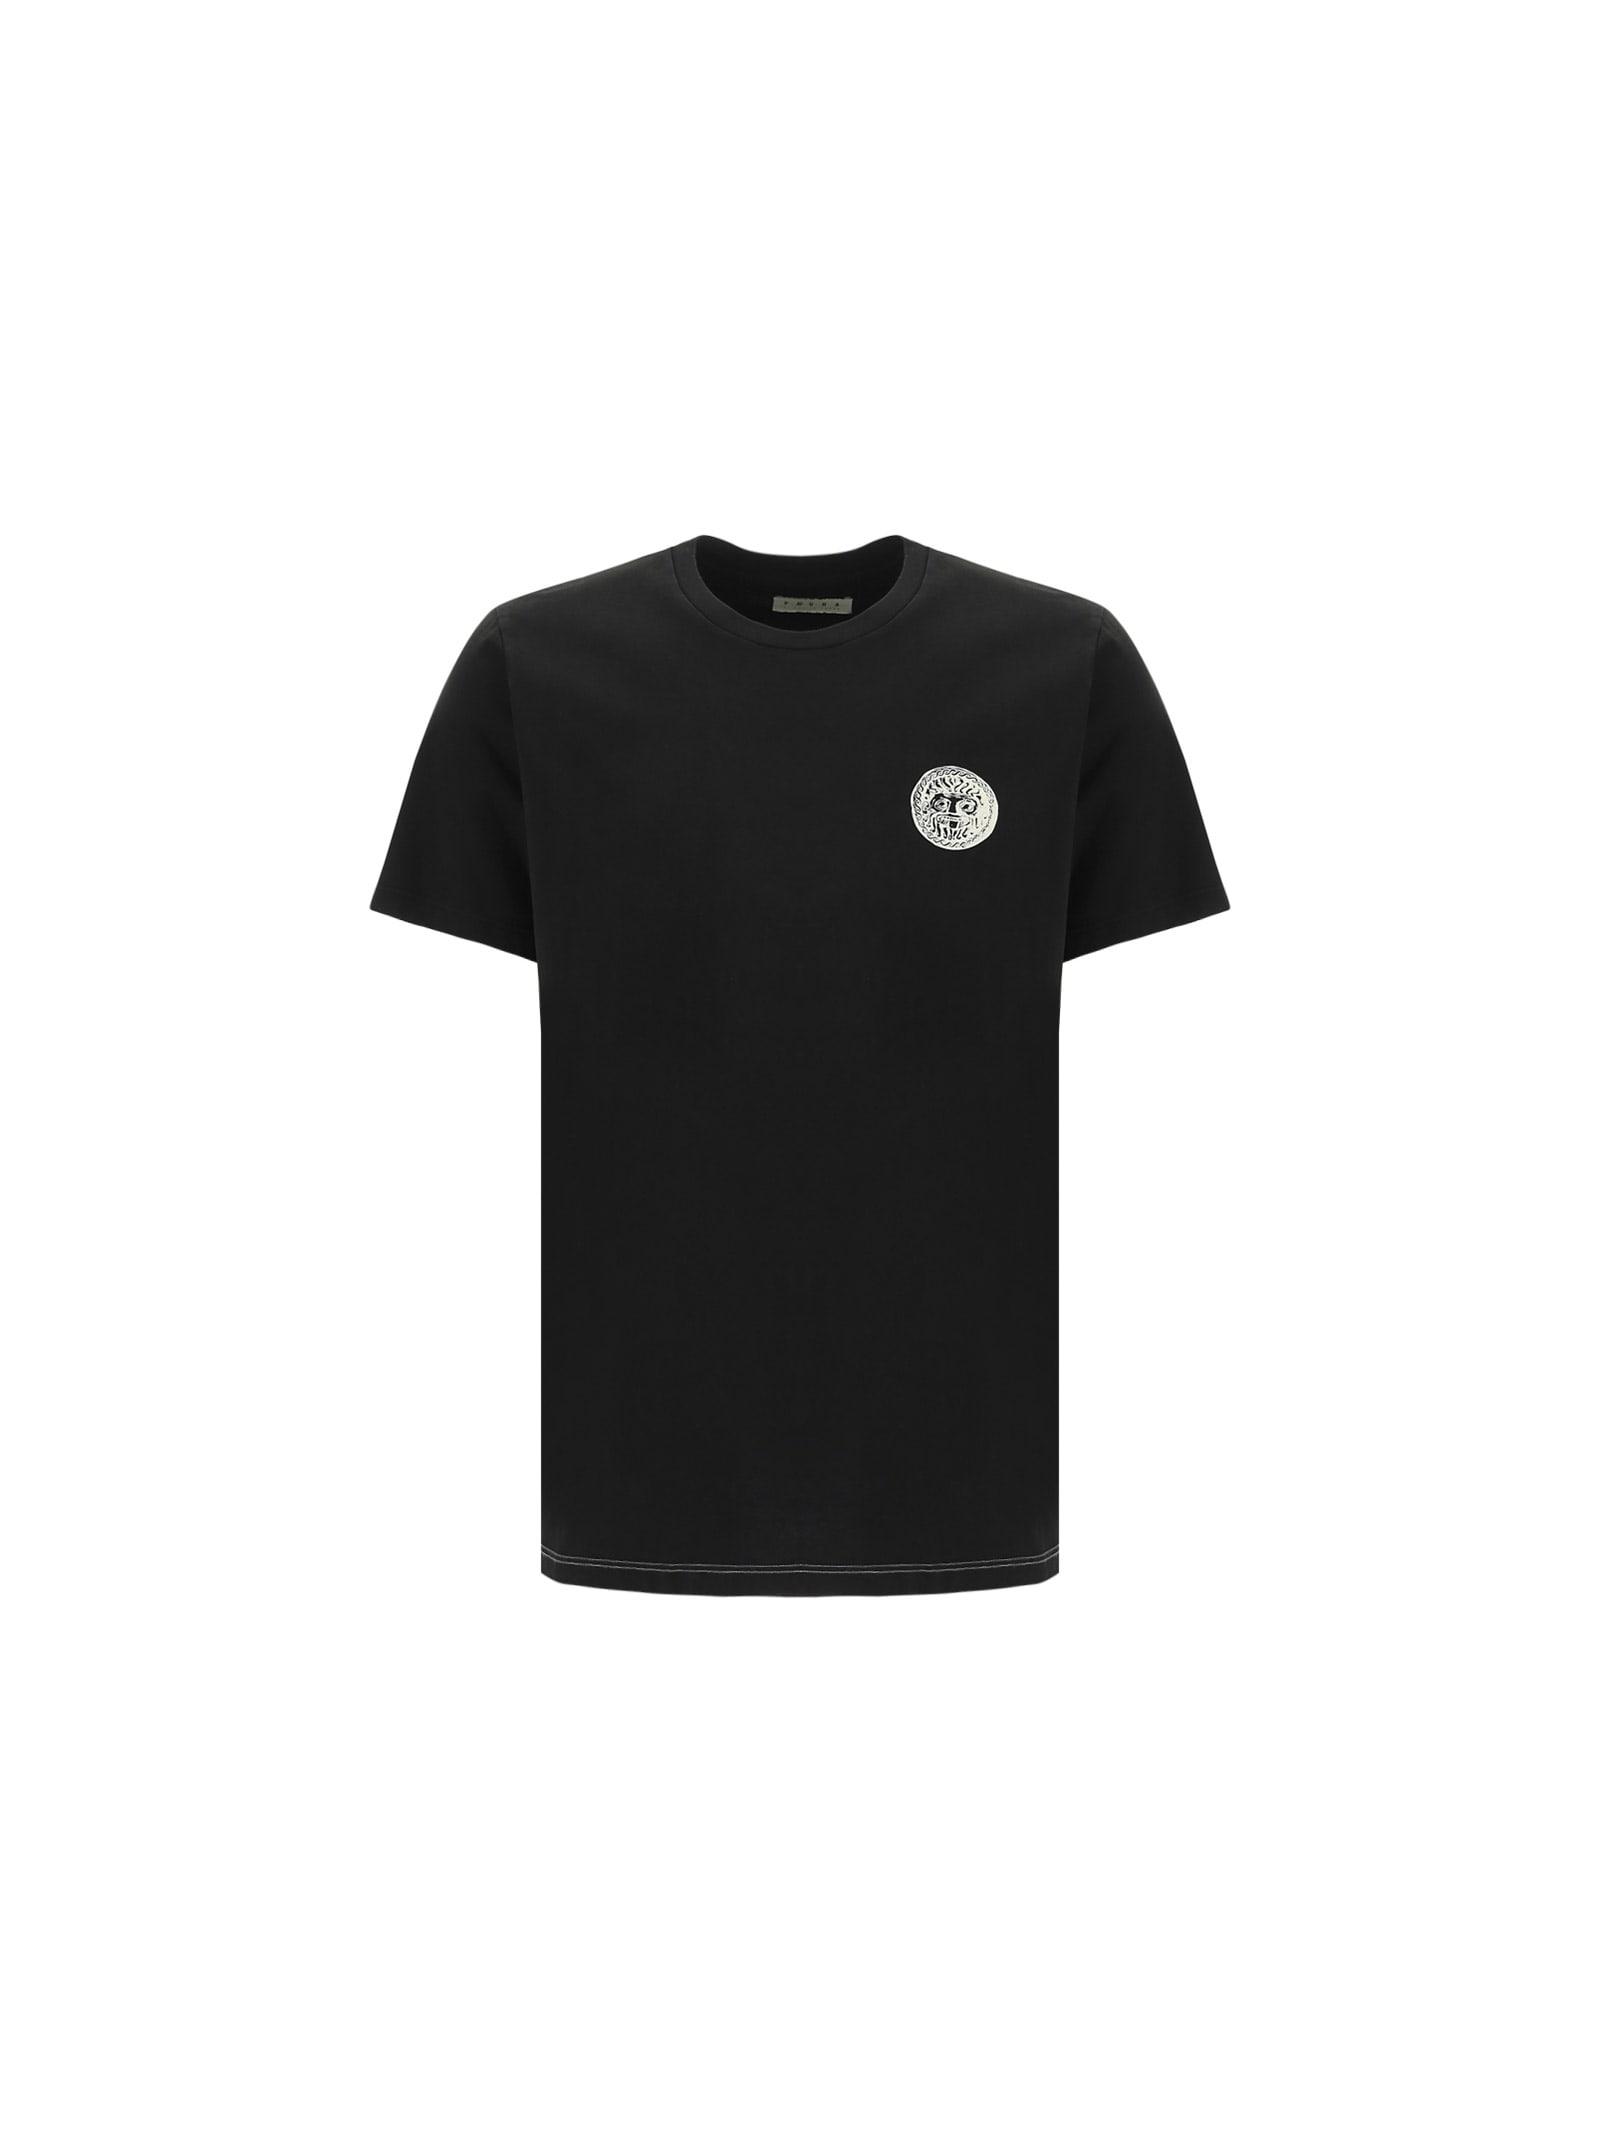 Danilo Paura T-shirts T-SHIRT